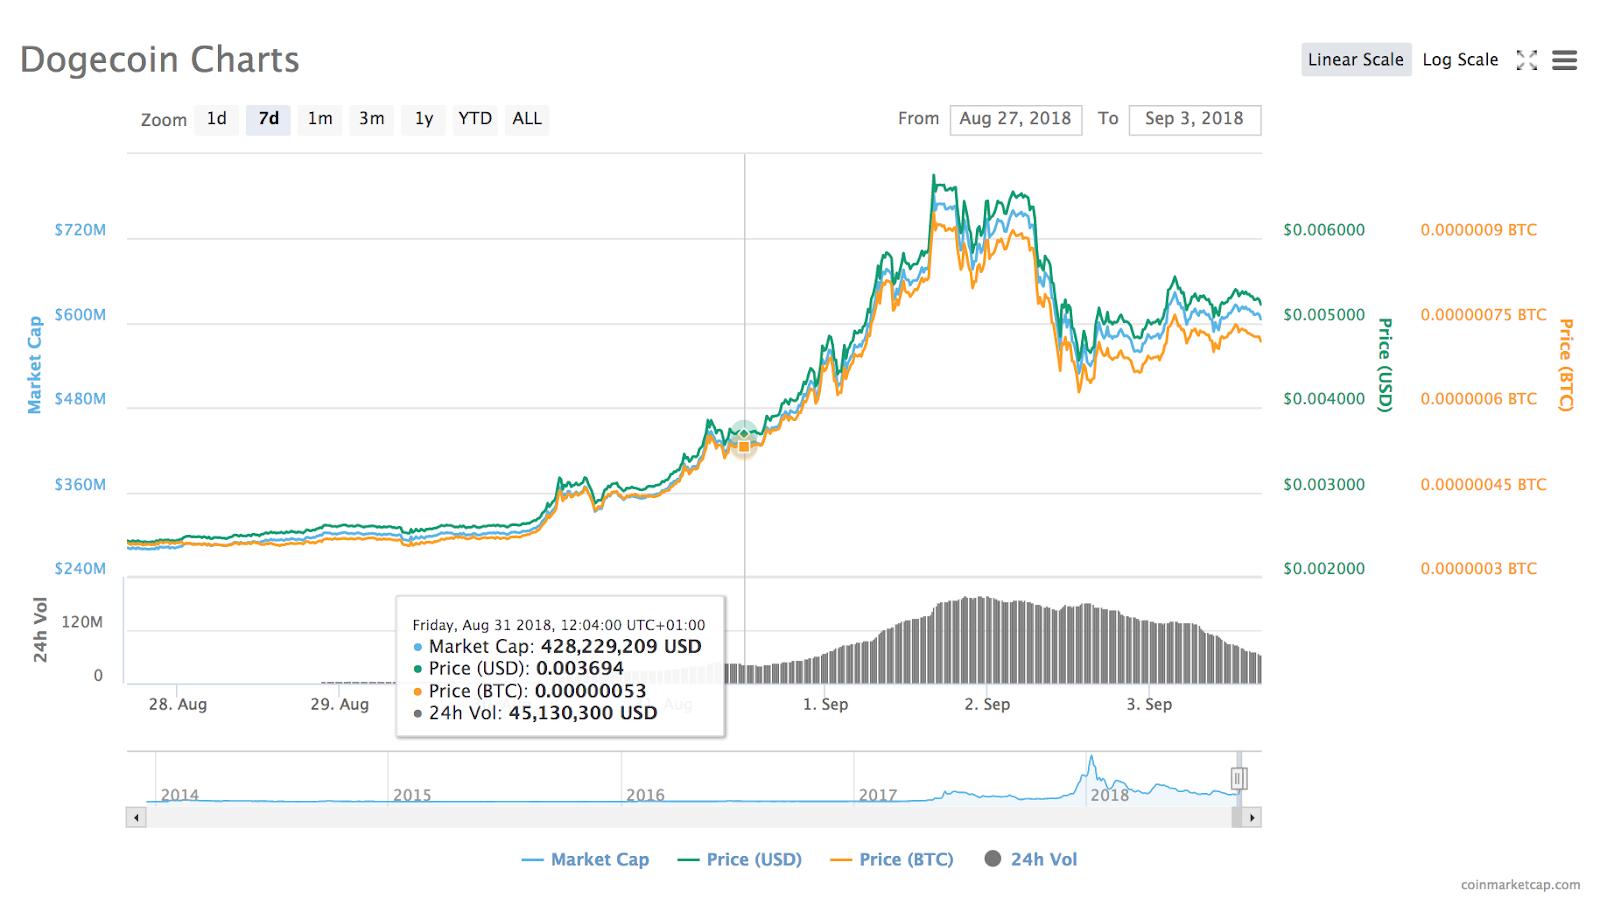 Gráfico de preço do Dogecoin de 7 dias